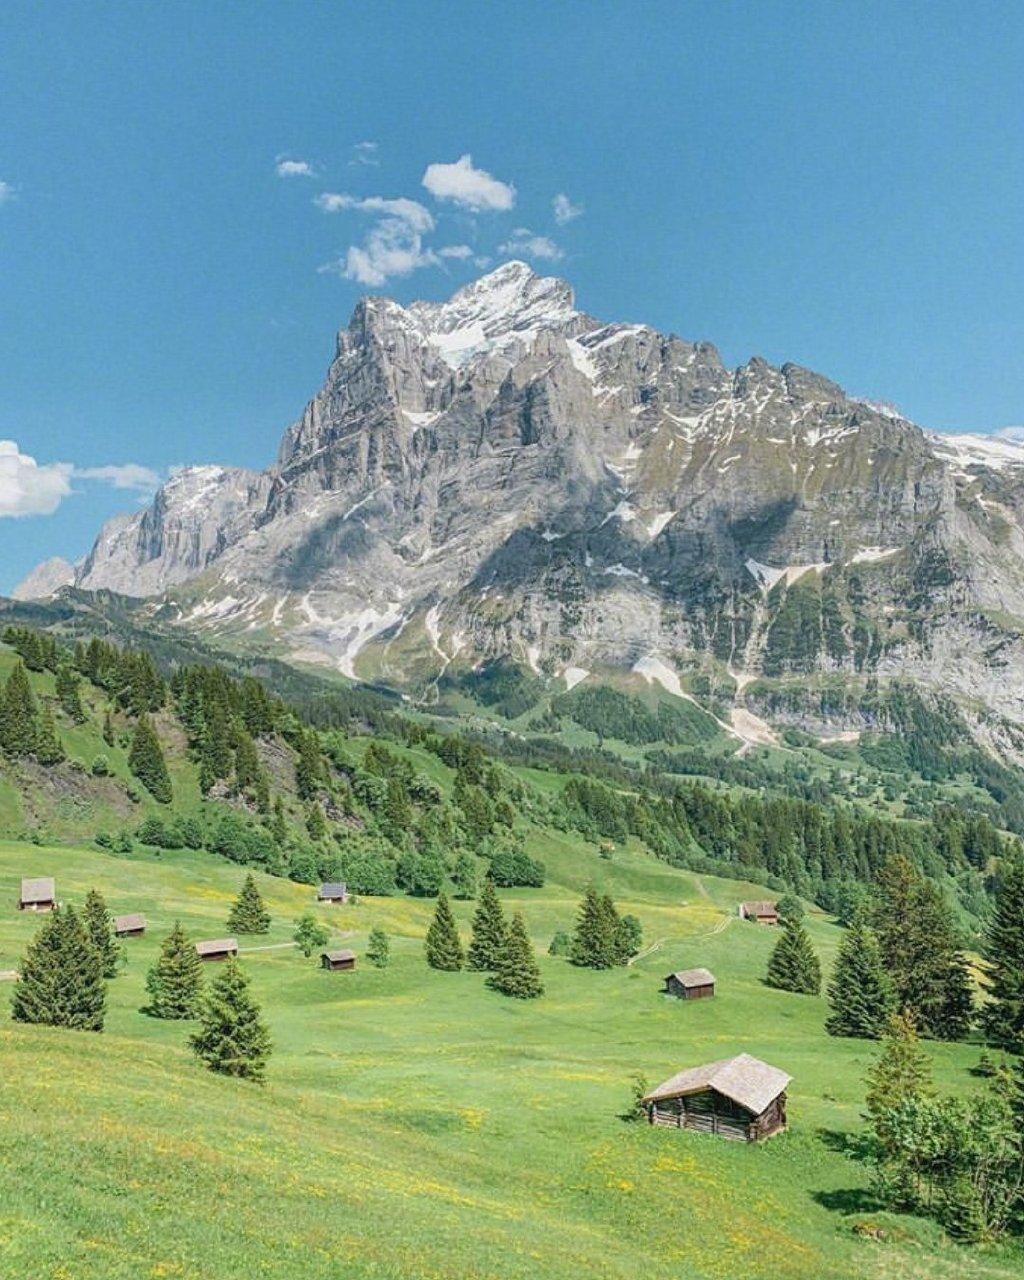 一大夏天,总是按耐不住去瑞士山谷转悠转悠的心。